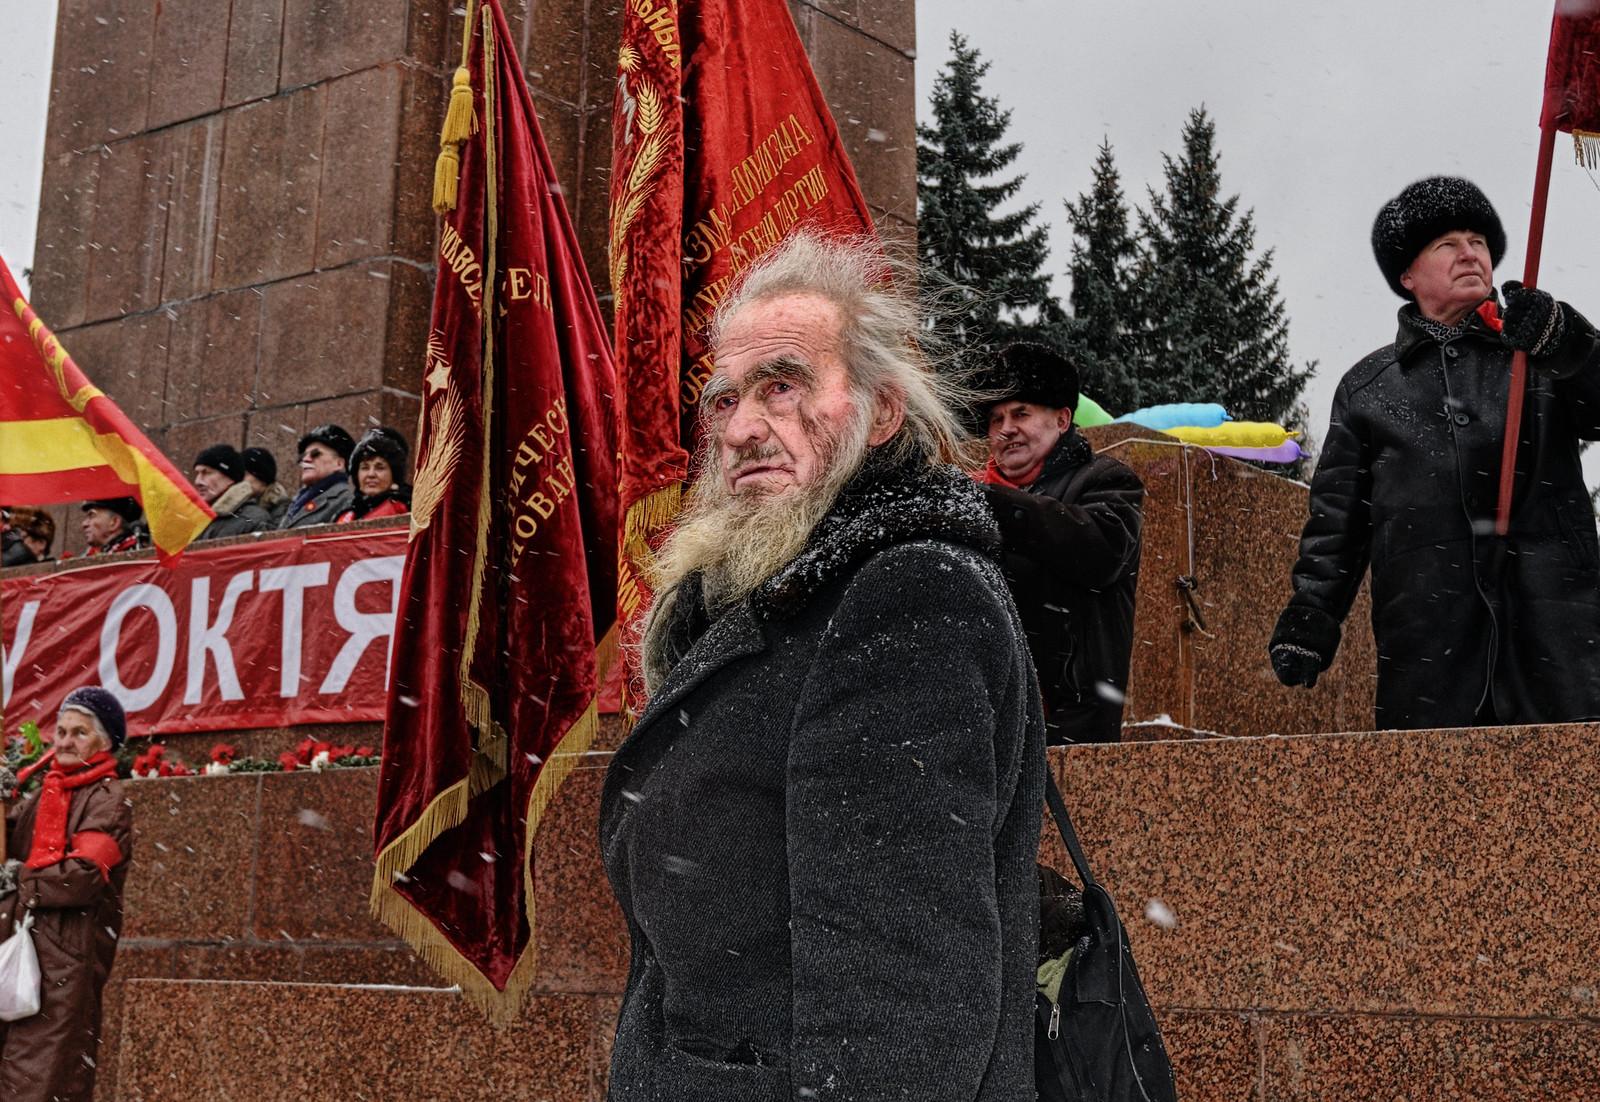 Человек с сумой - портрет с митинга революции 1917 - фотограф Челябинск